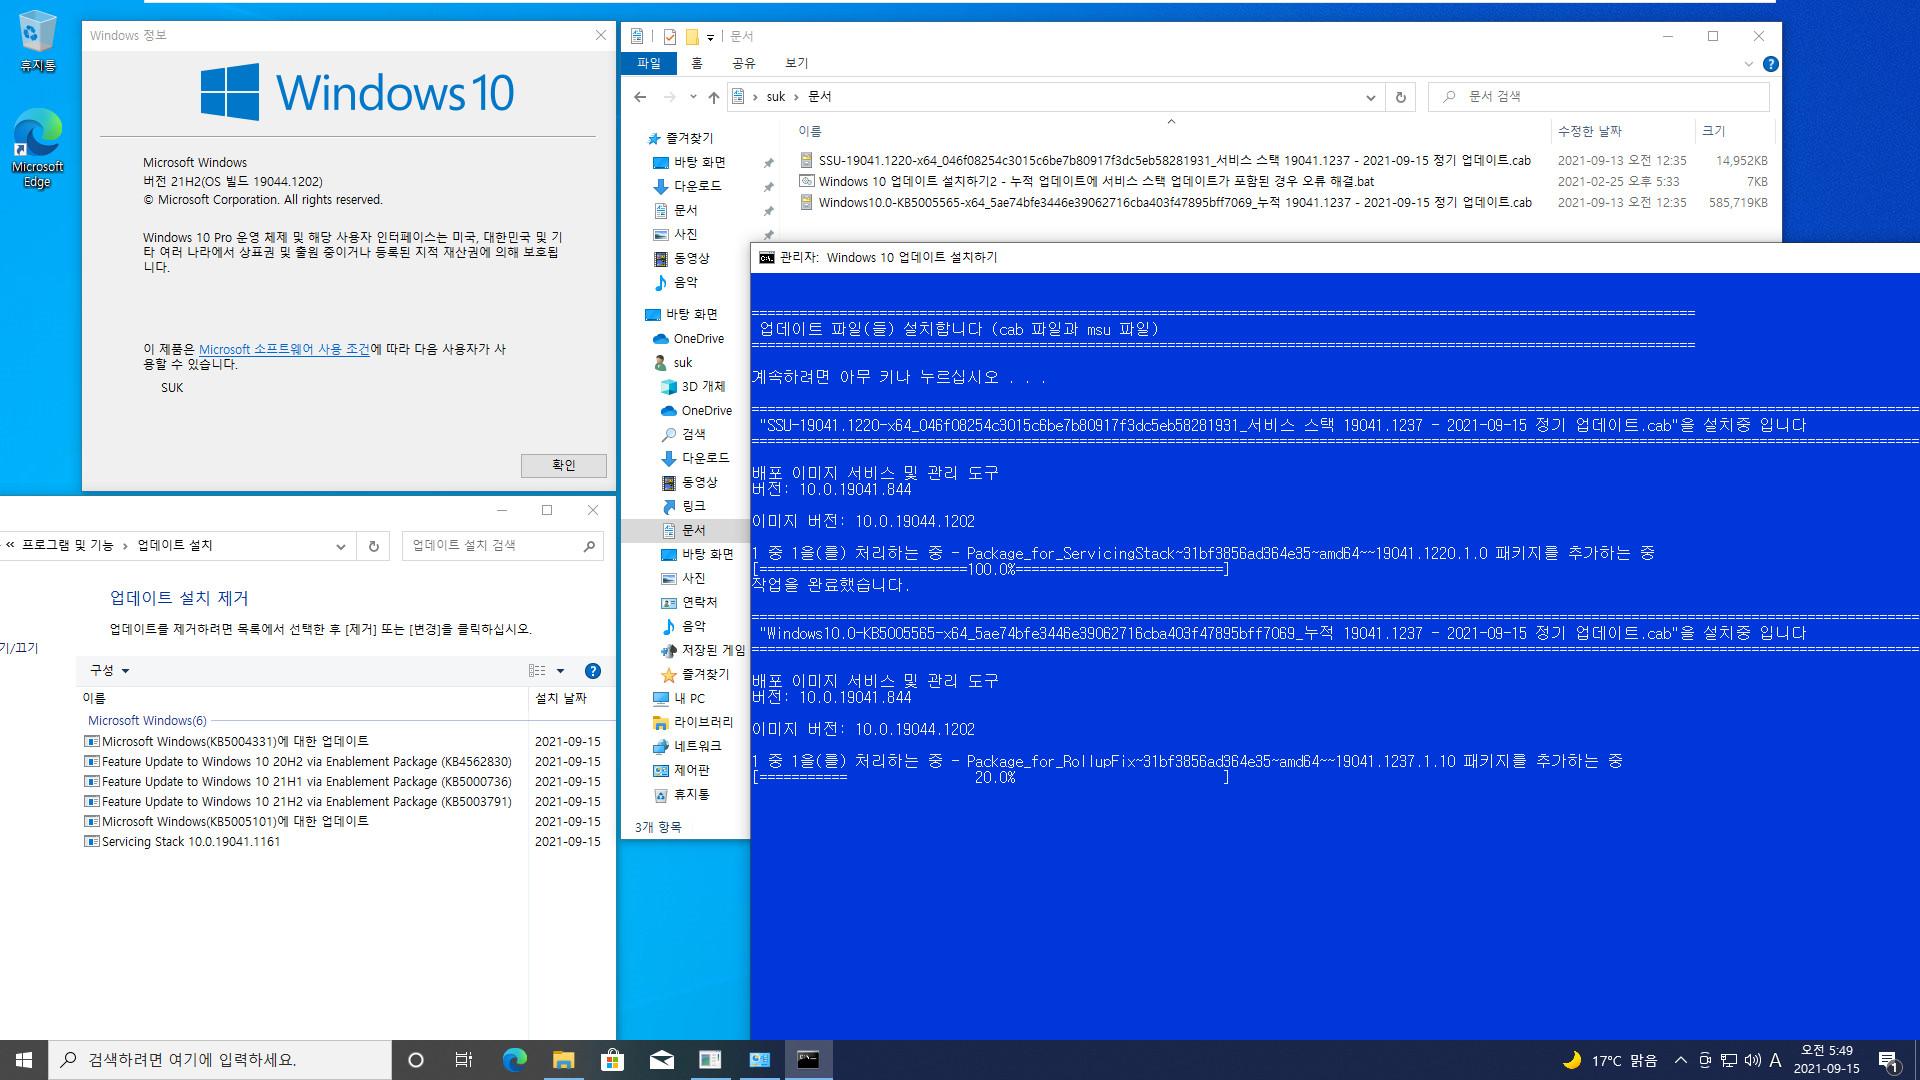 2021-09-15 정기 업데이트 - Windows 10 버전 21H2, 빌드 19044.1237 - 공용 누적 업데이트 KB5005565 - vmware에 설치 2021-09-15_054921.jpg